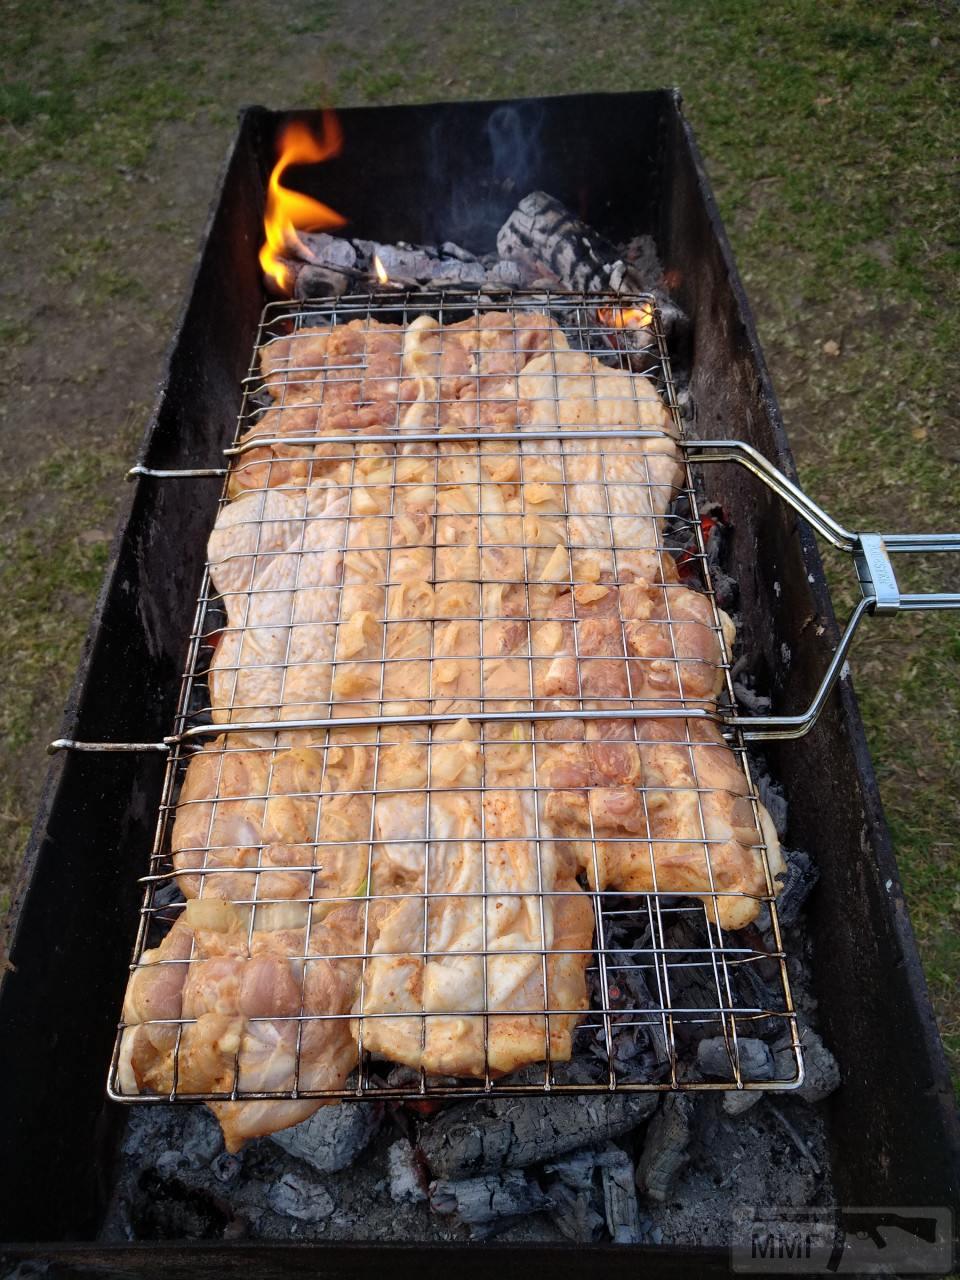 95622 - Закуски на огне (мангал, барбекю и т.д.) и кулинария вообще. Советы и рецепты.